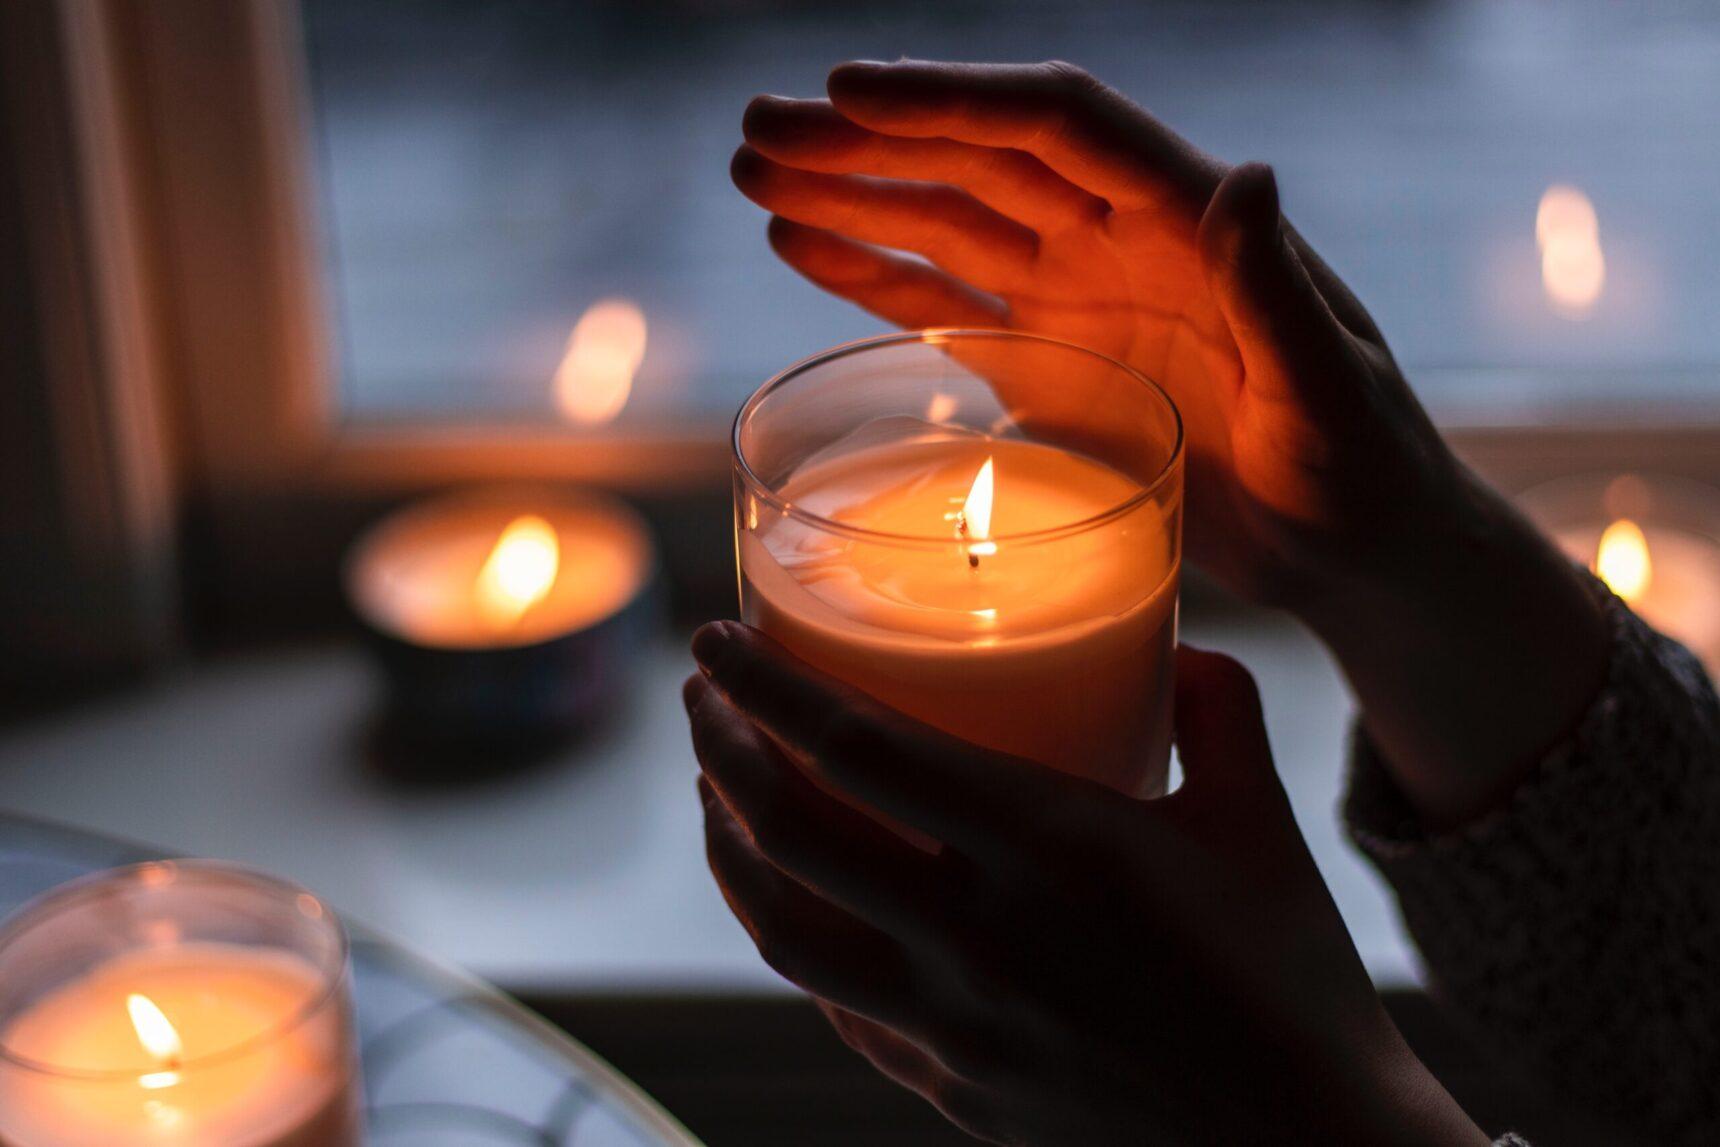 Jak zrobić świeczkę – dla gości, dla klimatu, dla siebie?